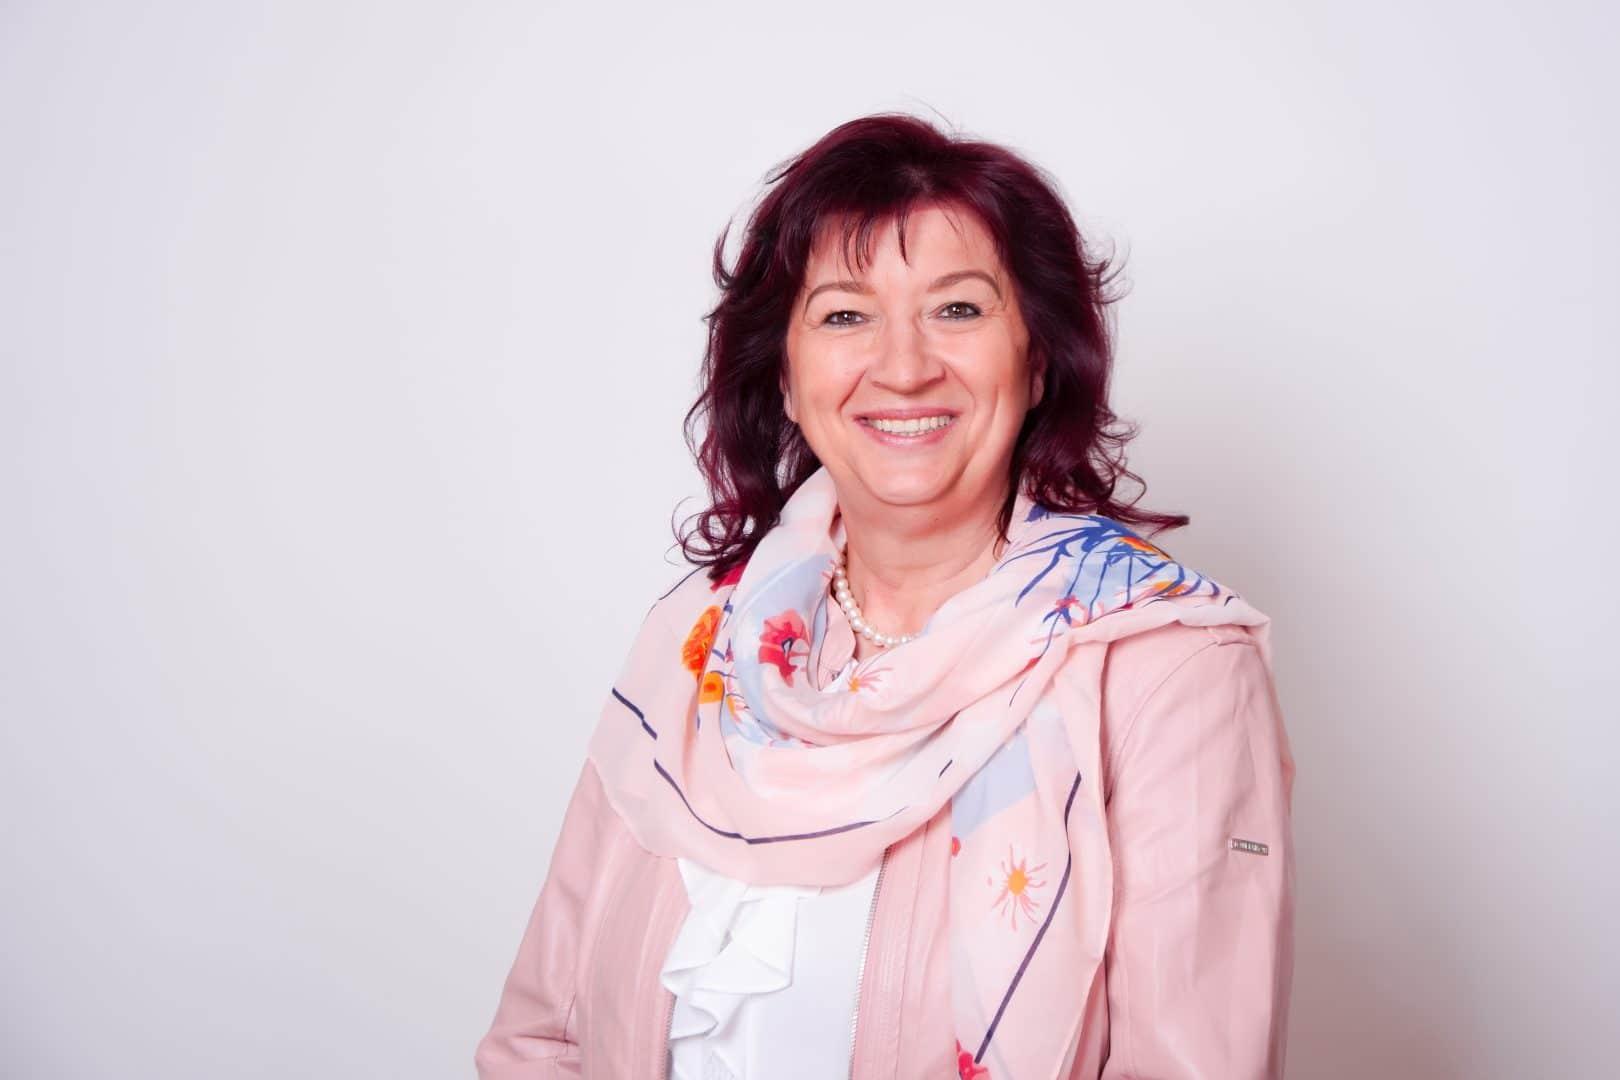 Mag. Irene Primosch